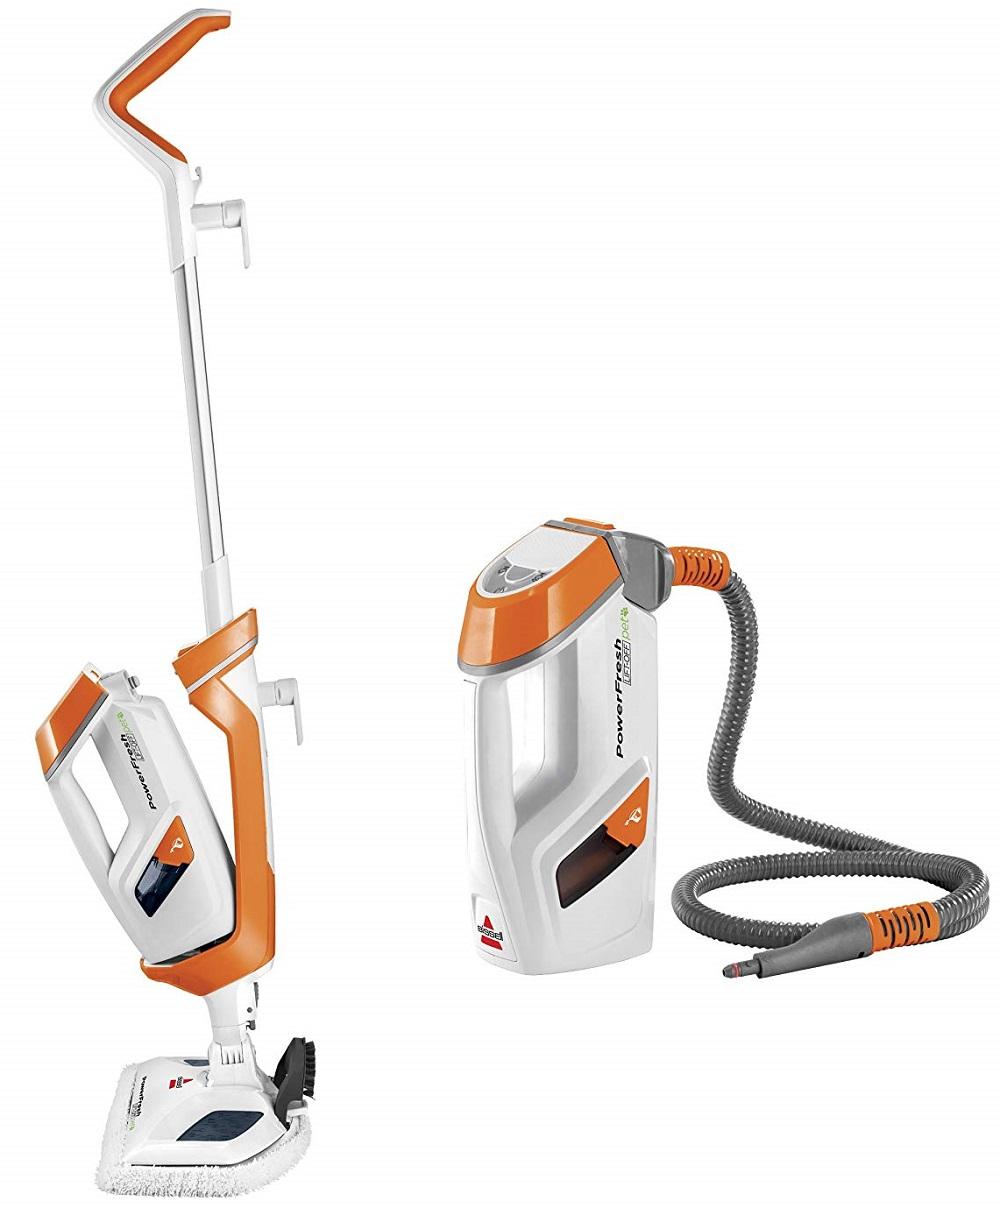 Bissell-PowerFresh-Lift-Off-Pet-Steamer-Floor Cleaner-1544A-Steam-Mop-Orange